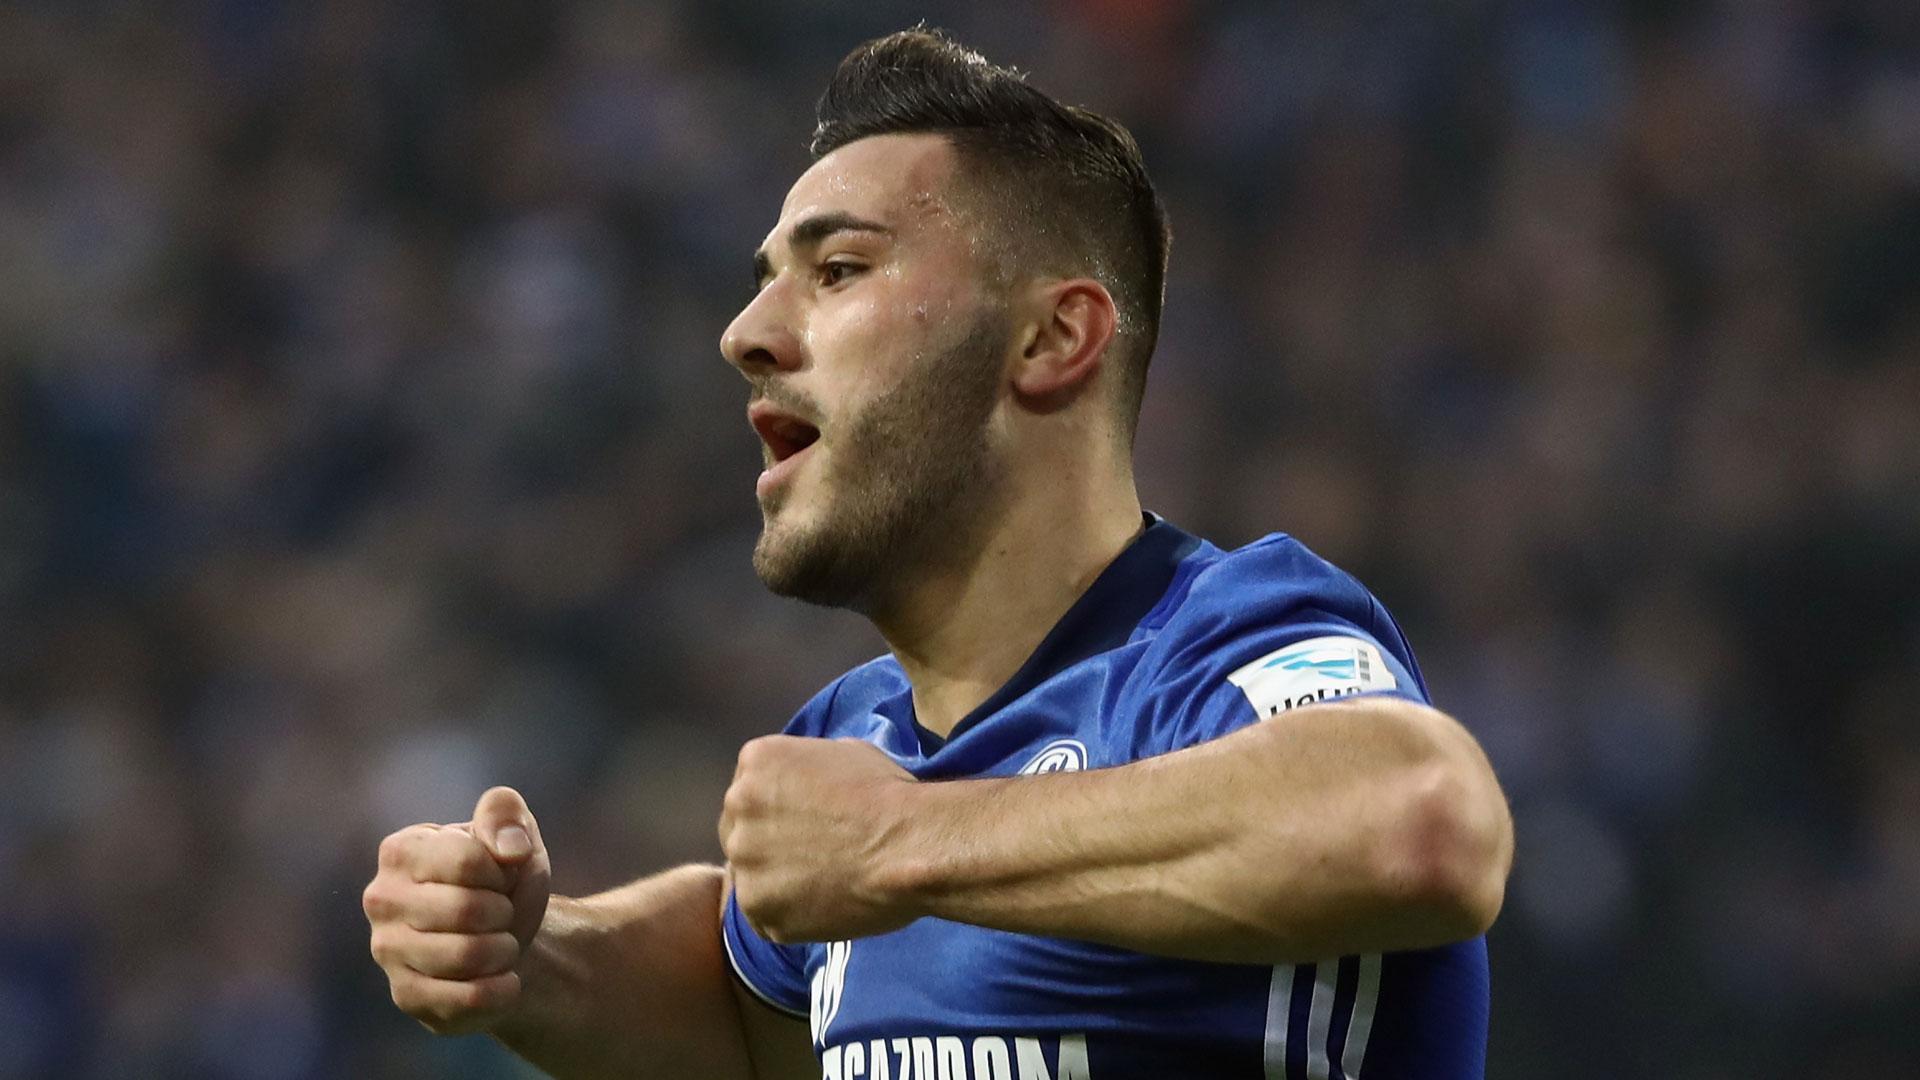 Ufficiale, addio Juventus: Evra è del Marsiglia